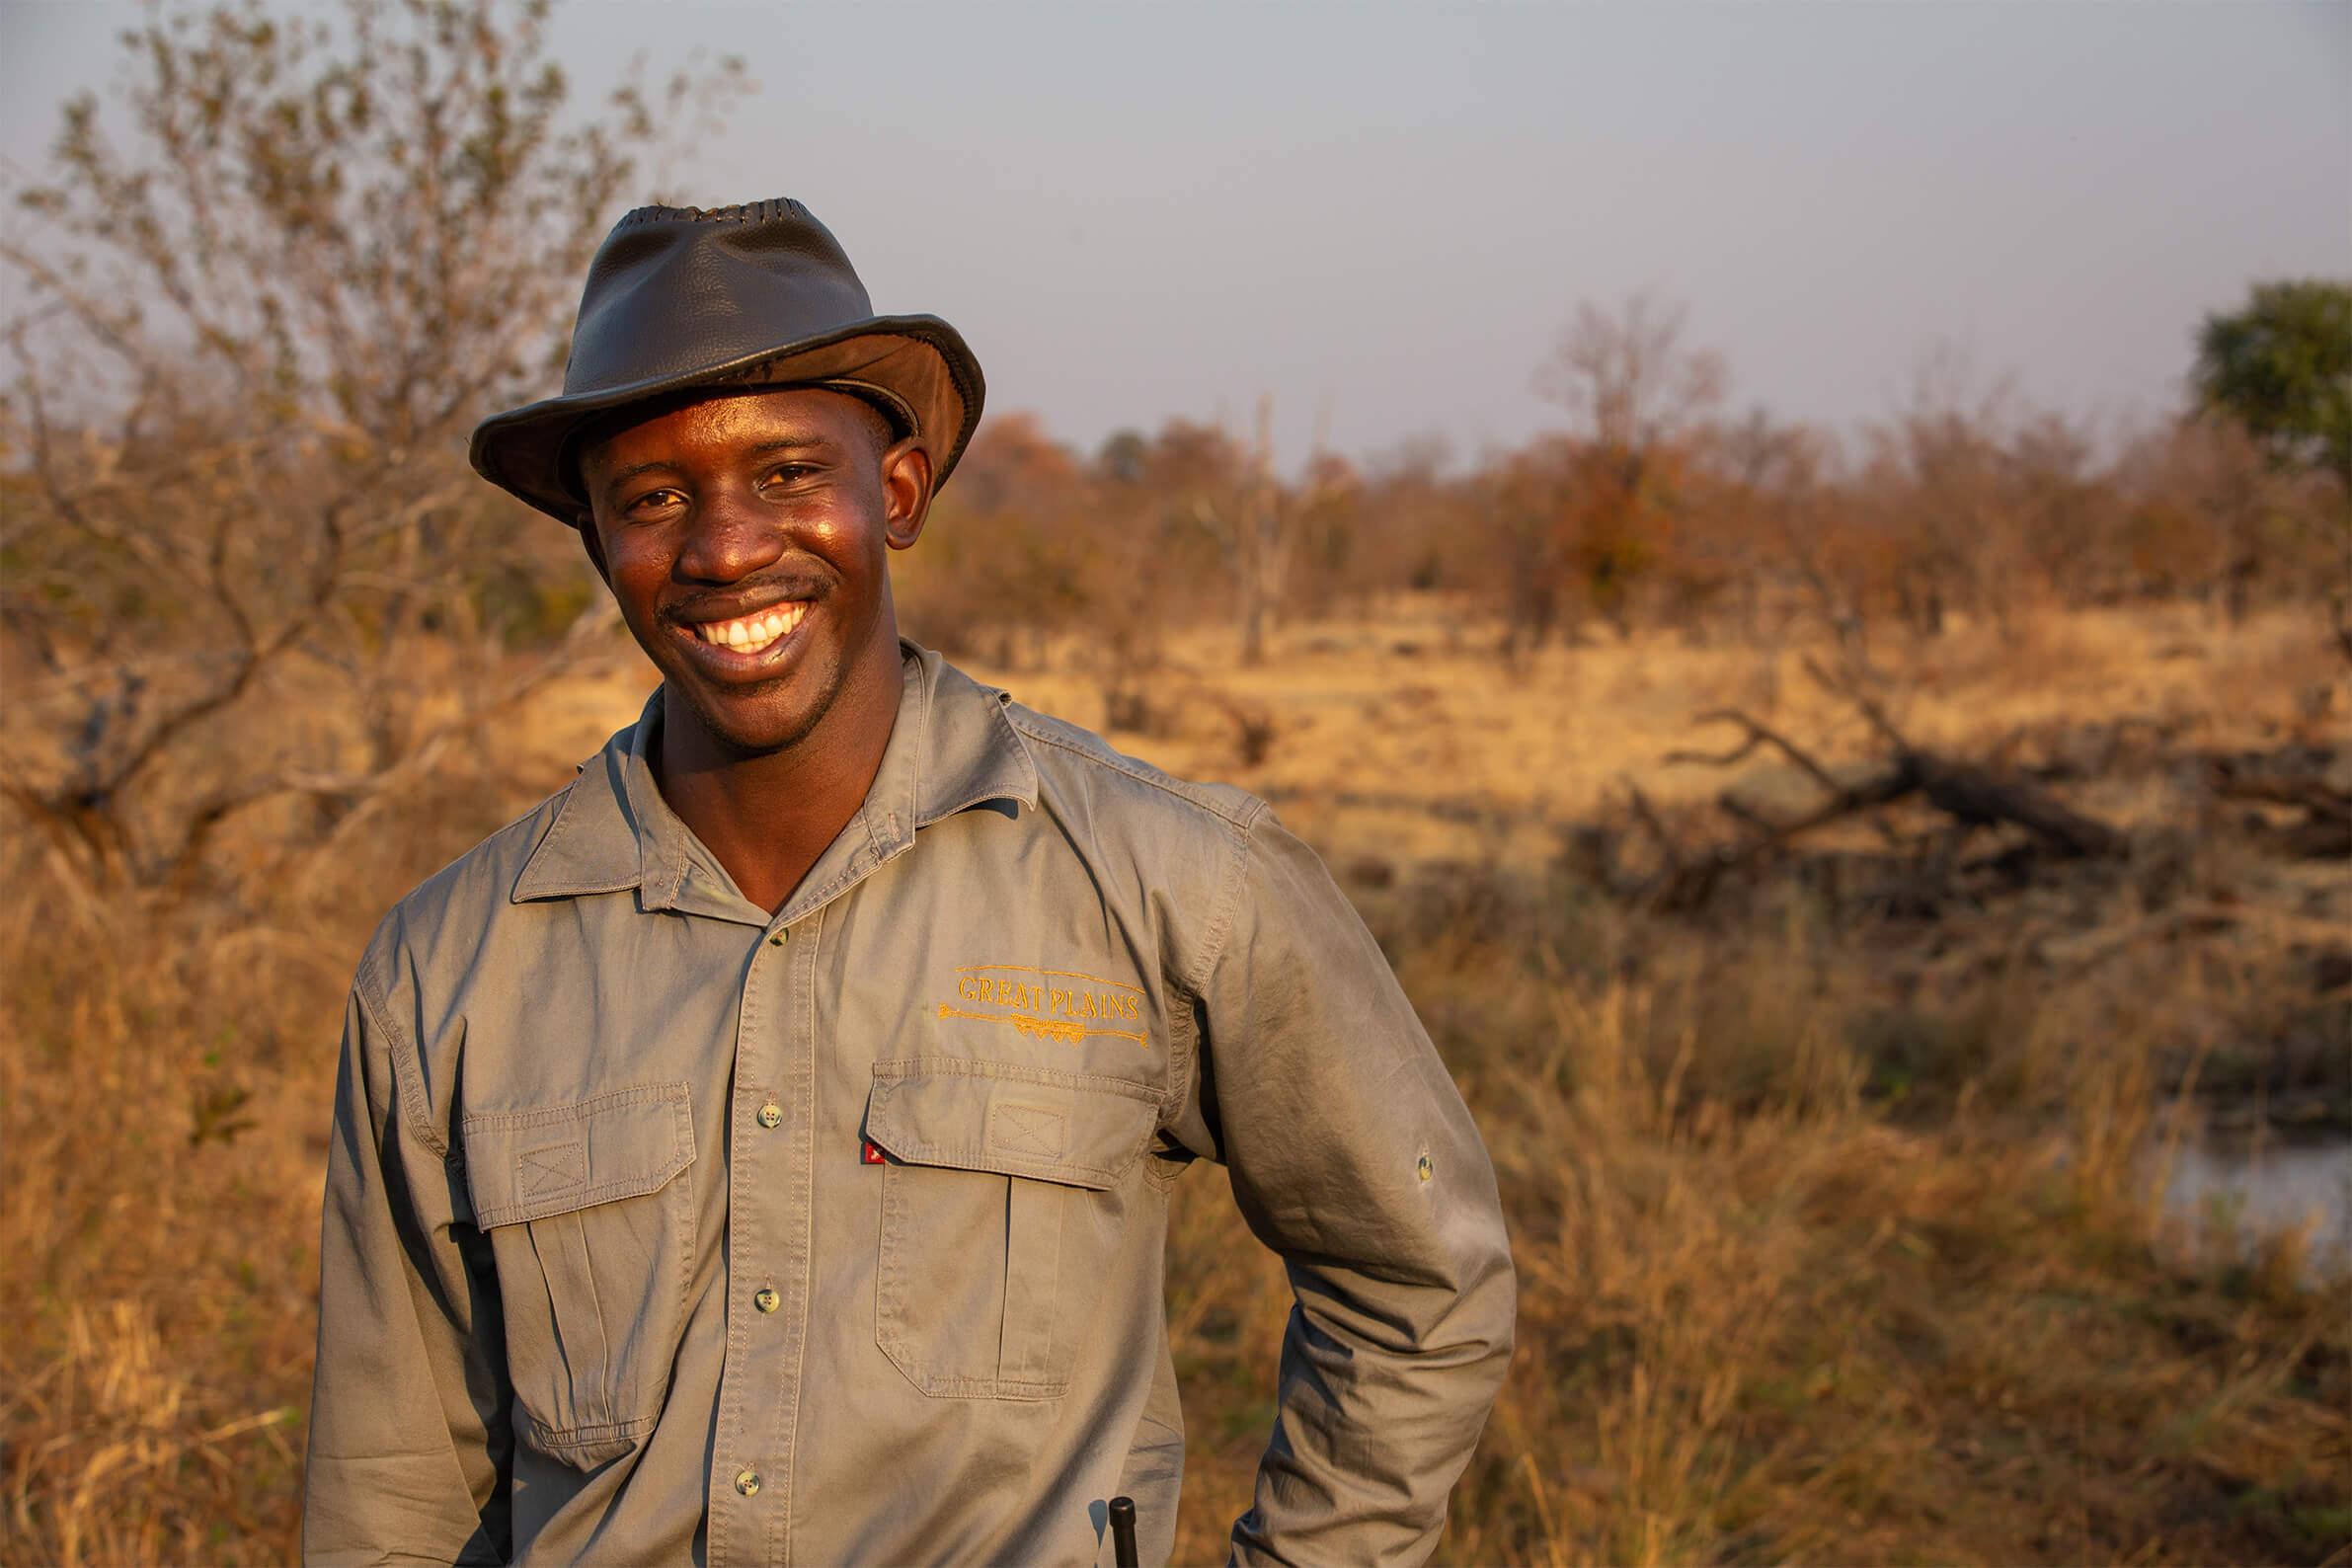 GPZimbabwe-MpalaJena-WildlifeGuide.jpg